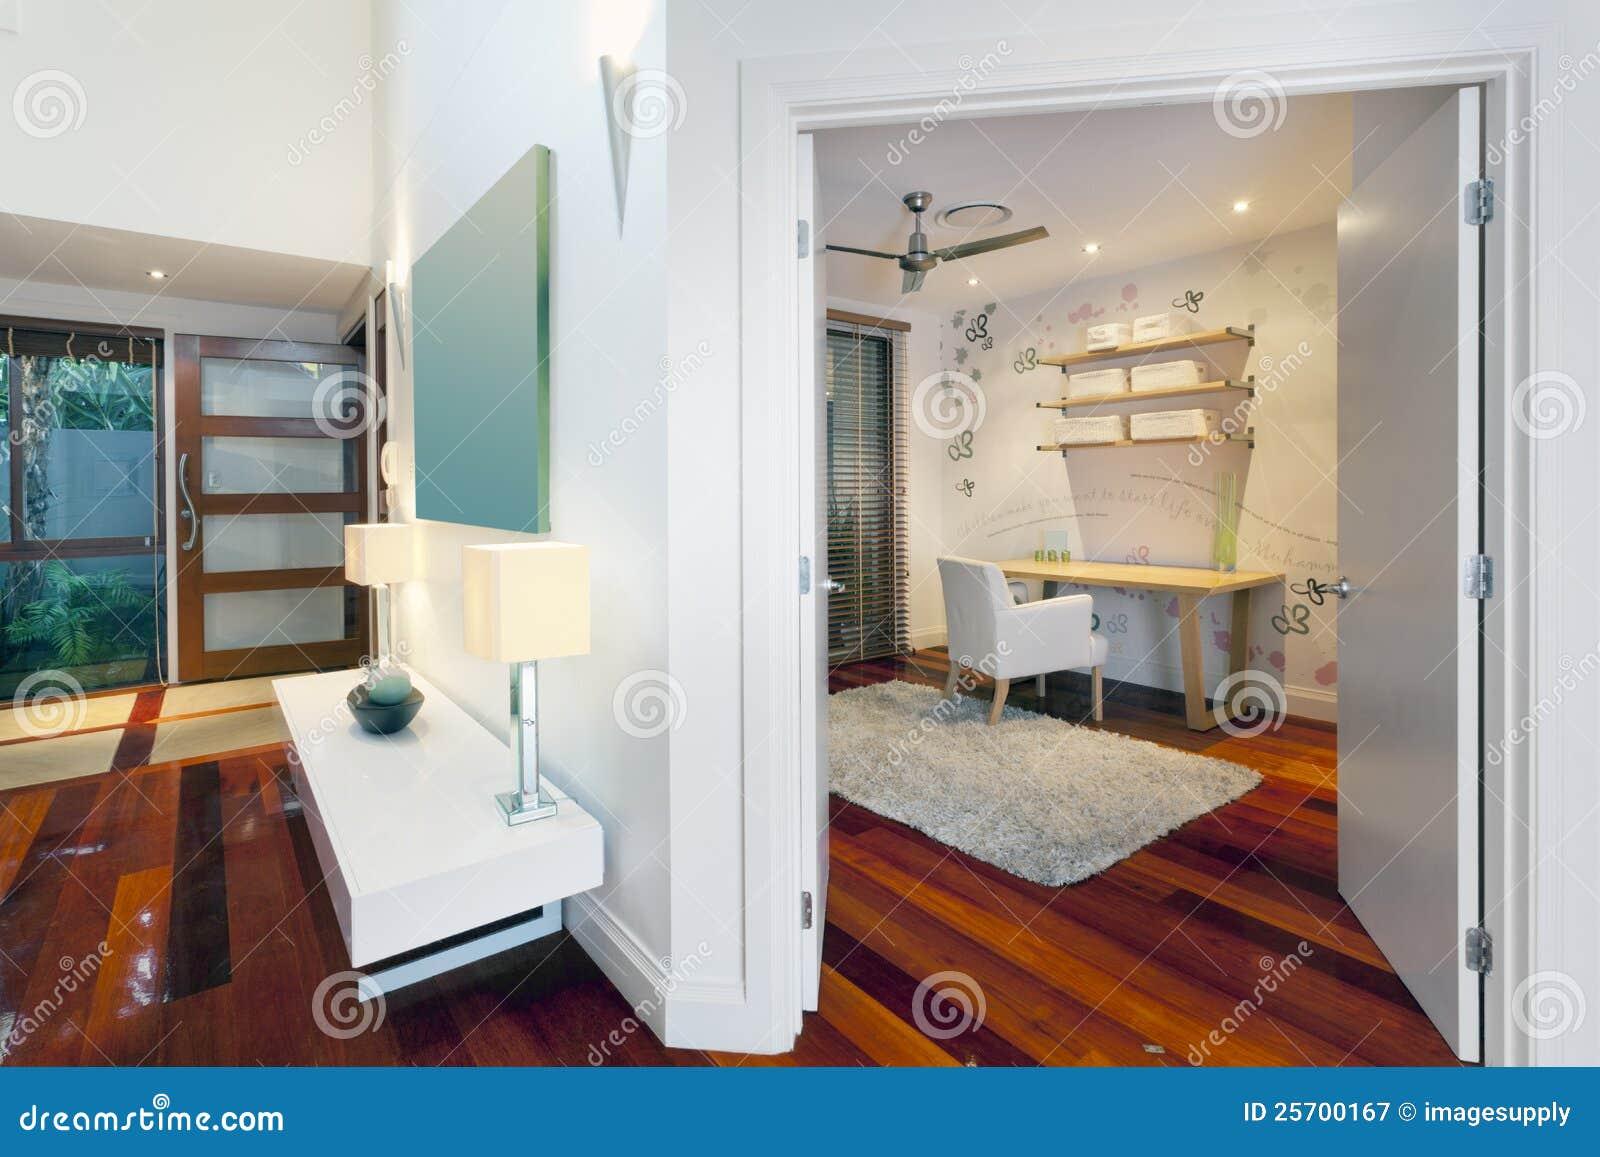 bureau et couloir dans la maison moderne photographie stock libre de droits image 25700167. Black Bedroom Furniture Sets. Home Design Ideas